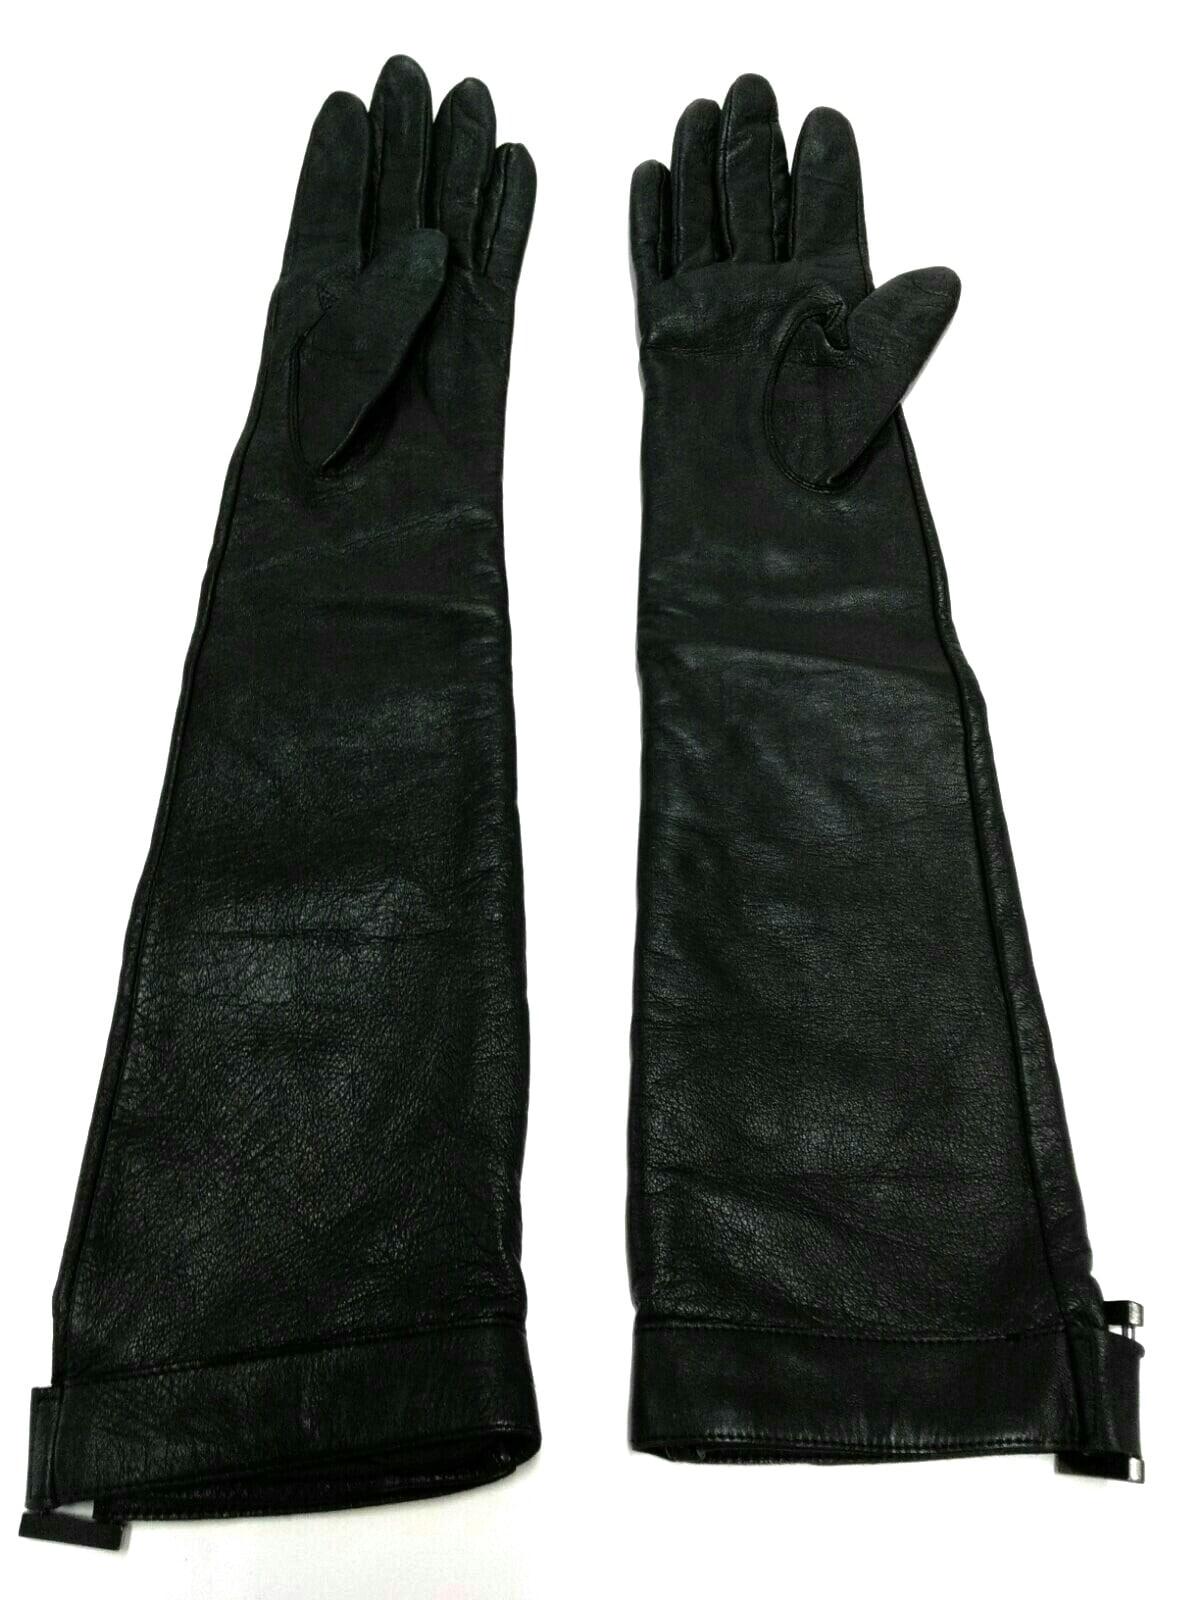 AURA(オーラ)の手袋